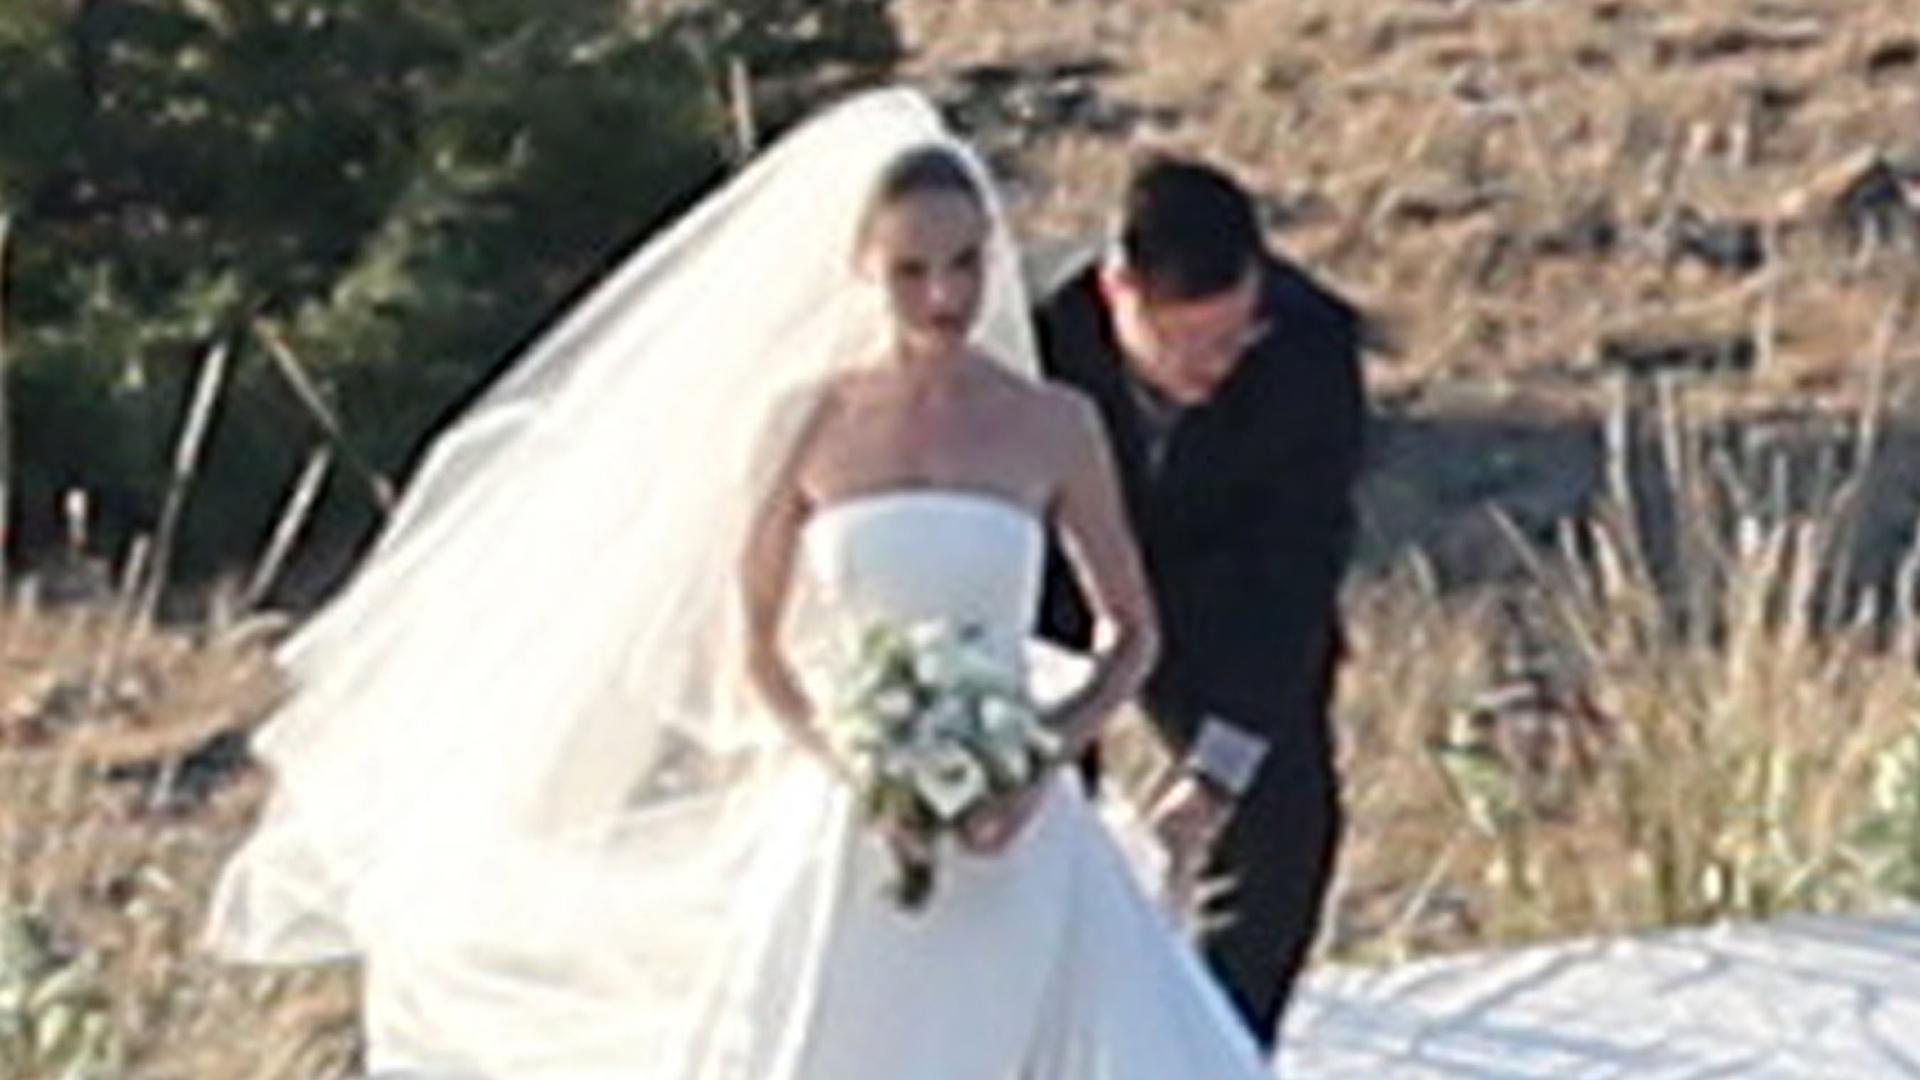 31.ago.2013 - A atriz Kate Bosworth se casa com o cineasta Michael Polish em um rancho no estado norte-americano de Montana. Os dois preferiram escrever os próprios votos para a cerimônia ao invés de usar os votos tradicionais